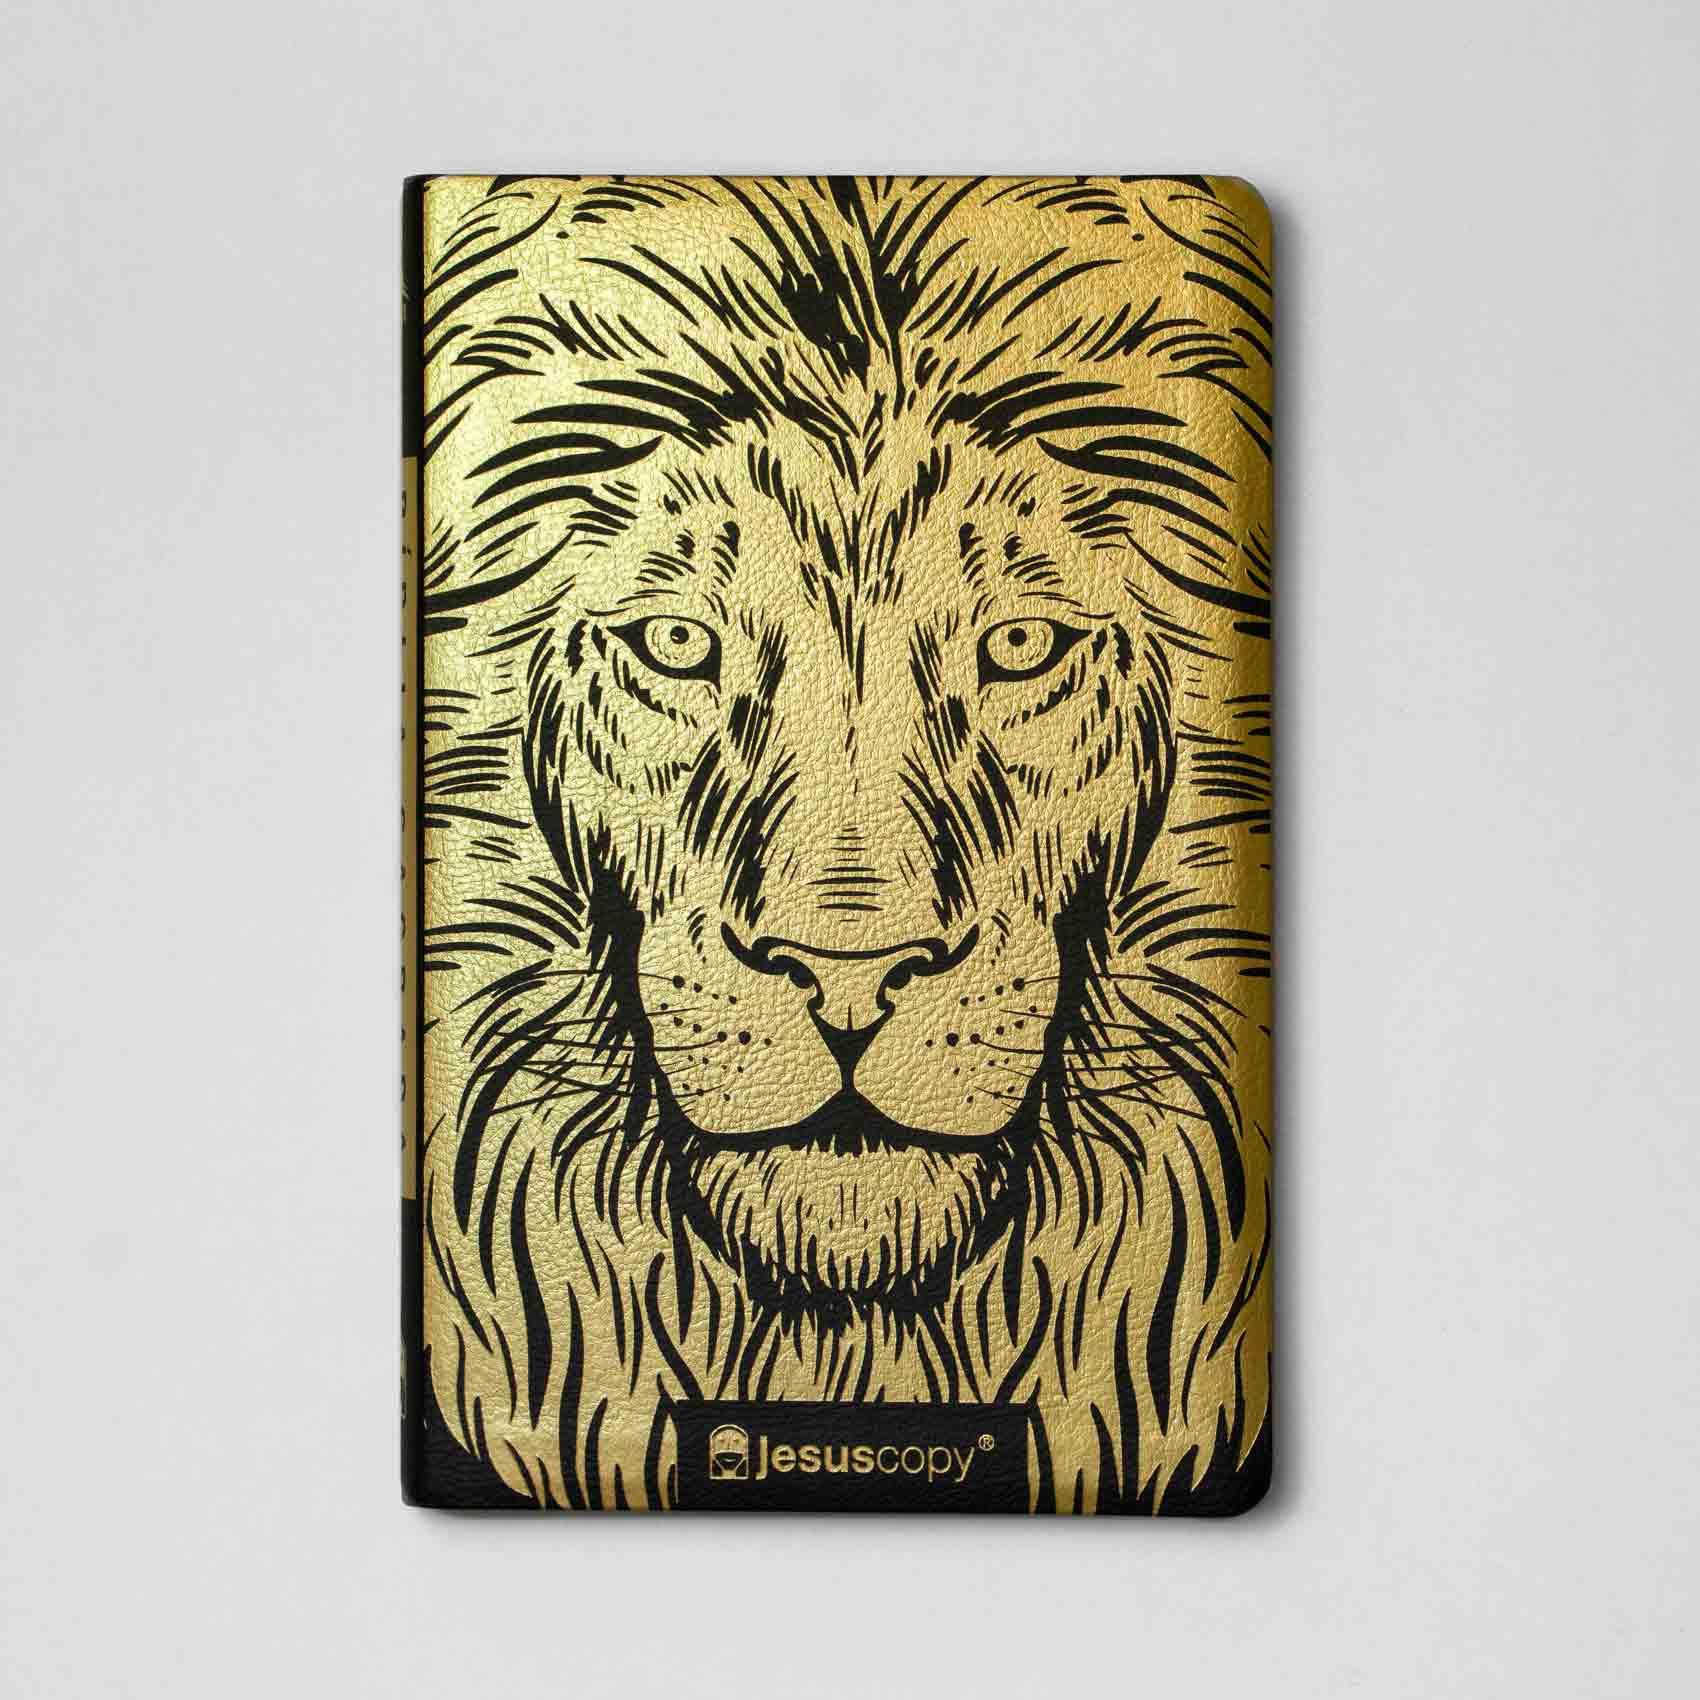 Bíblia  Leão Dourada Jesus Copy